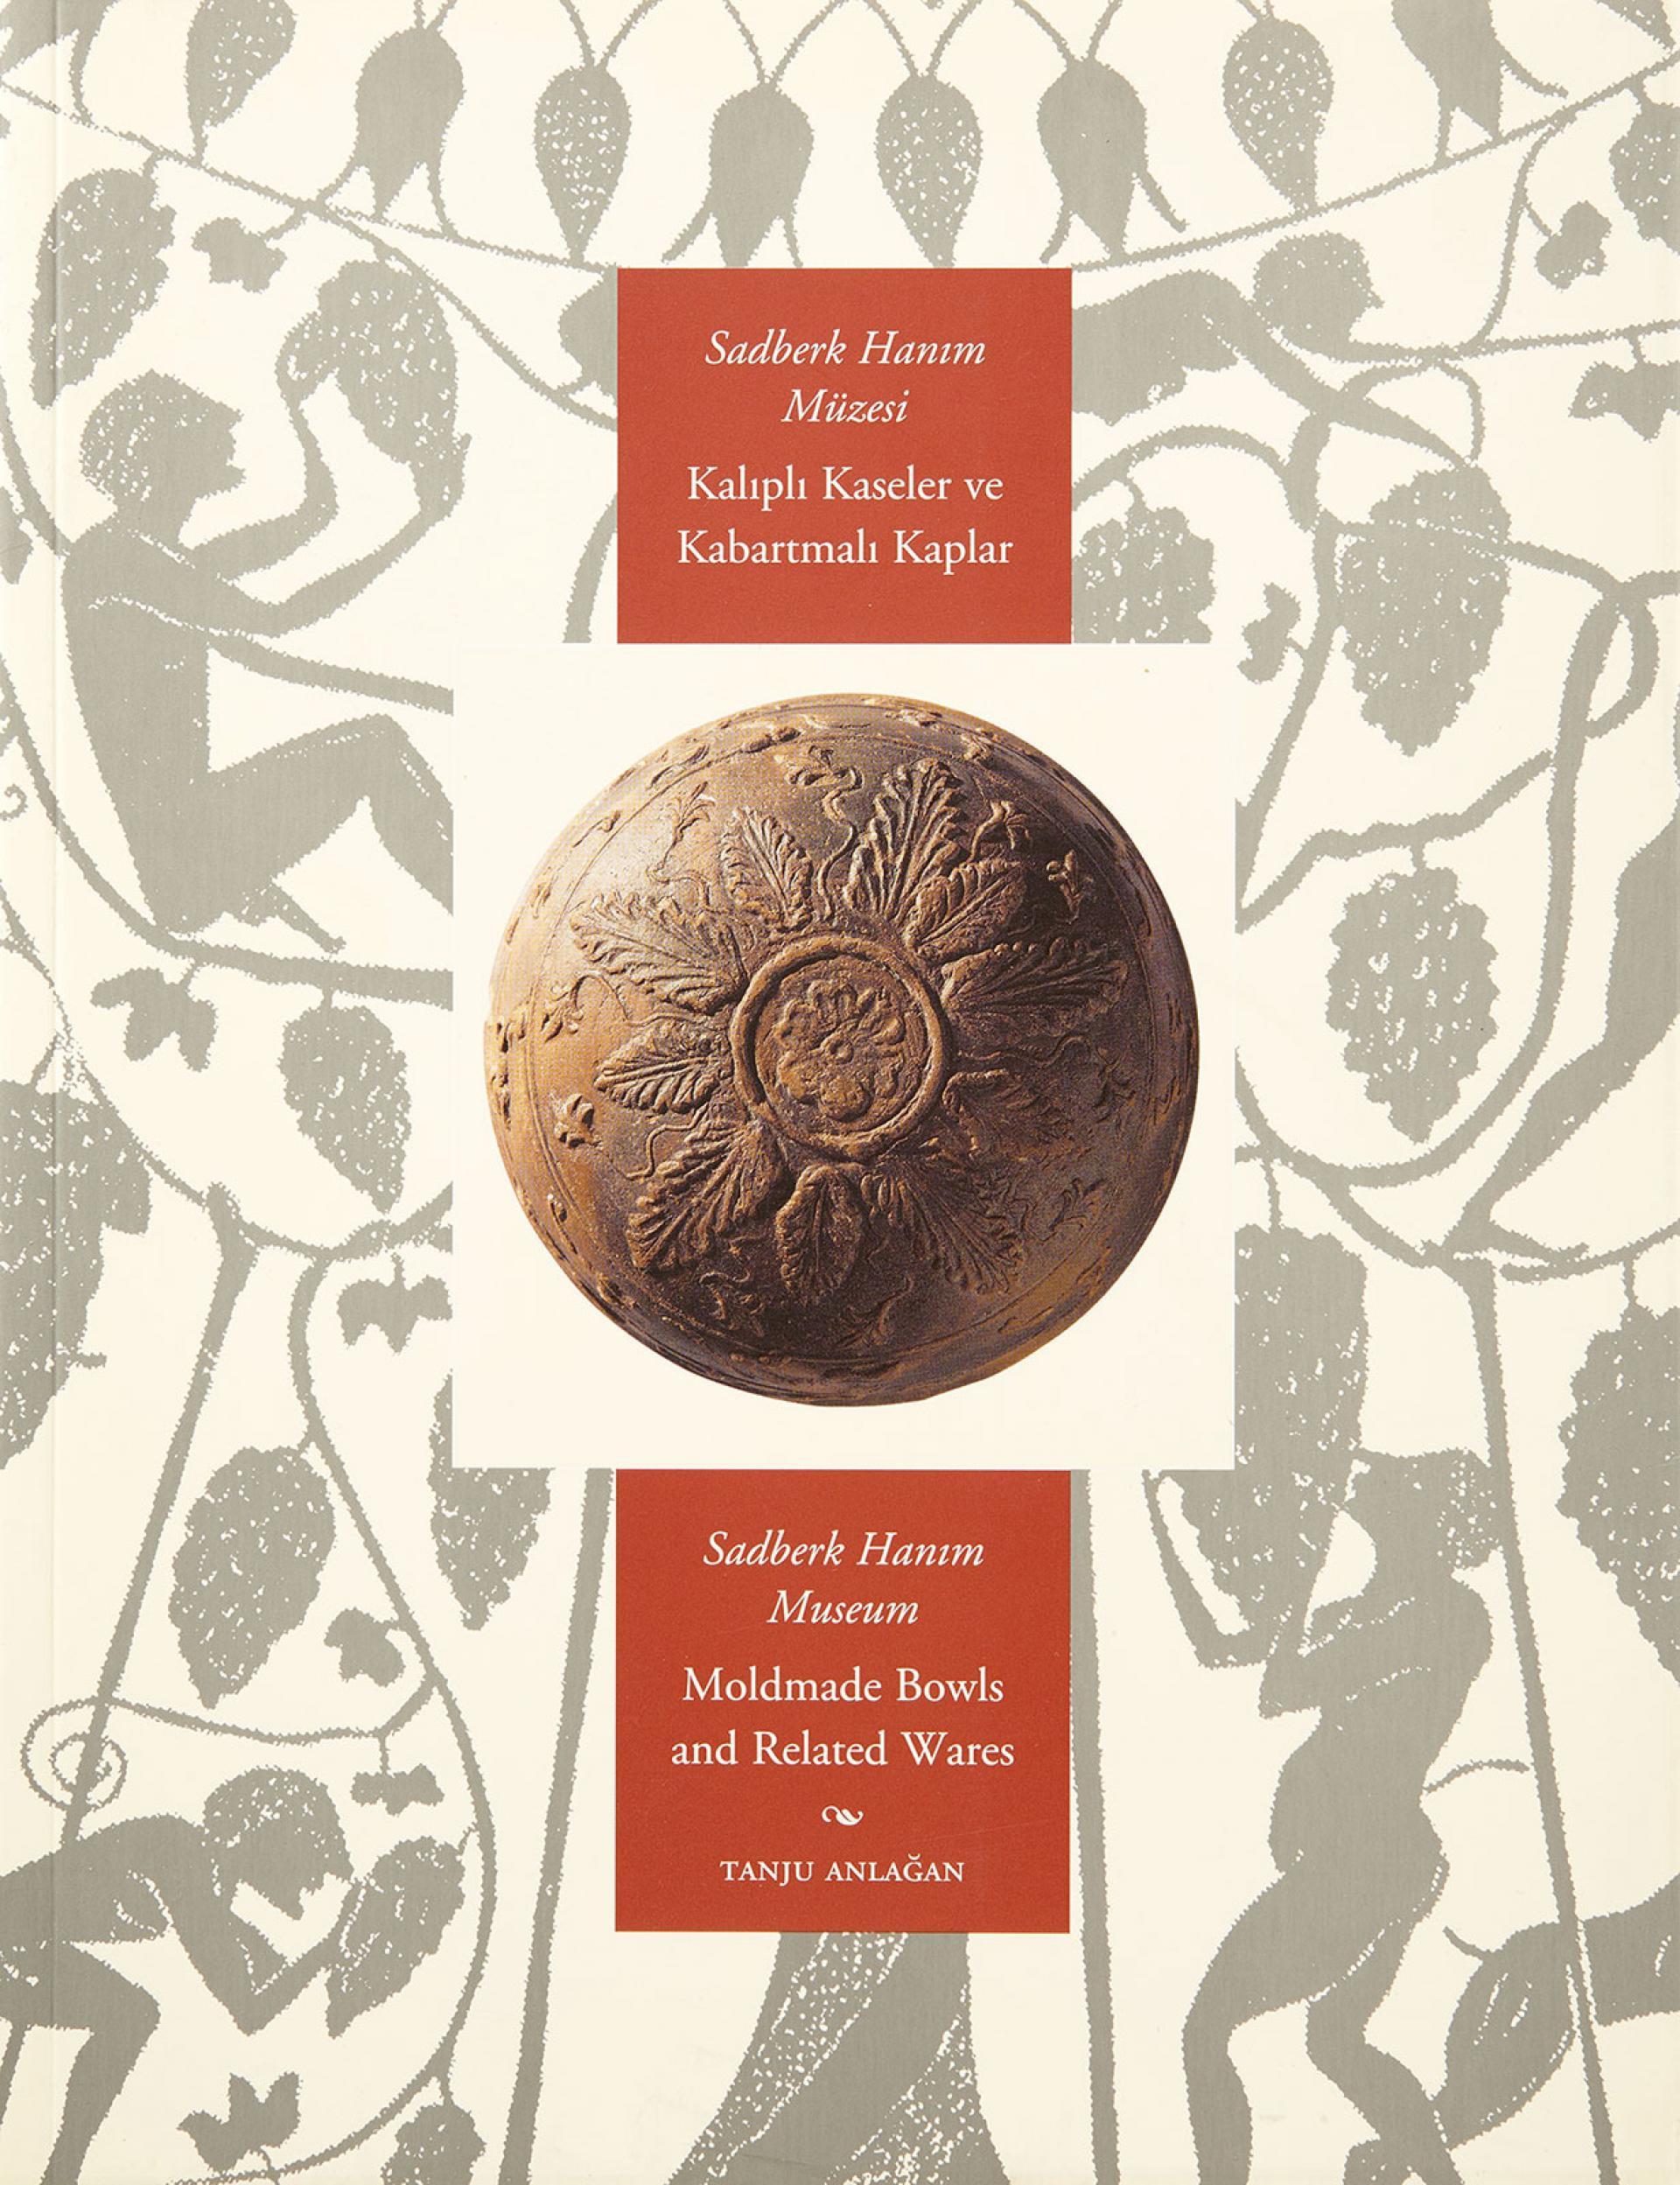 Sadberk Hanım Museum Moldmade Bowls and Related Wares - BOOKS - Sadberk Hanım Museum